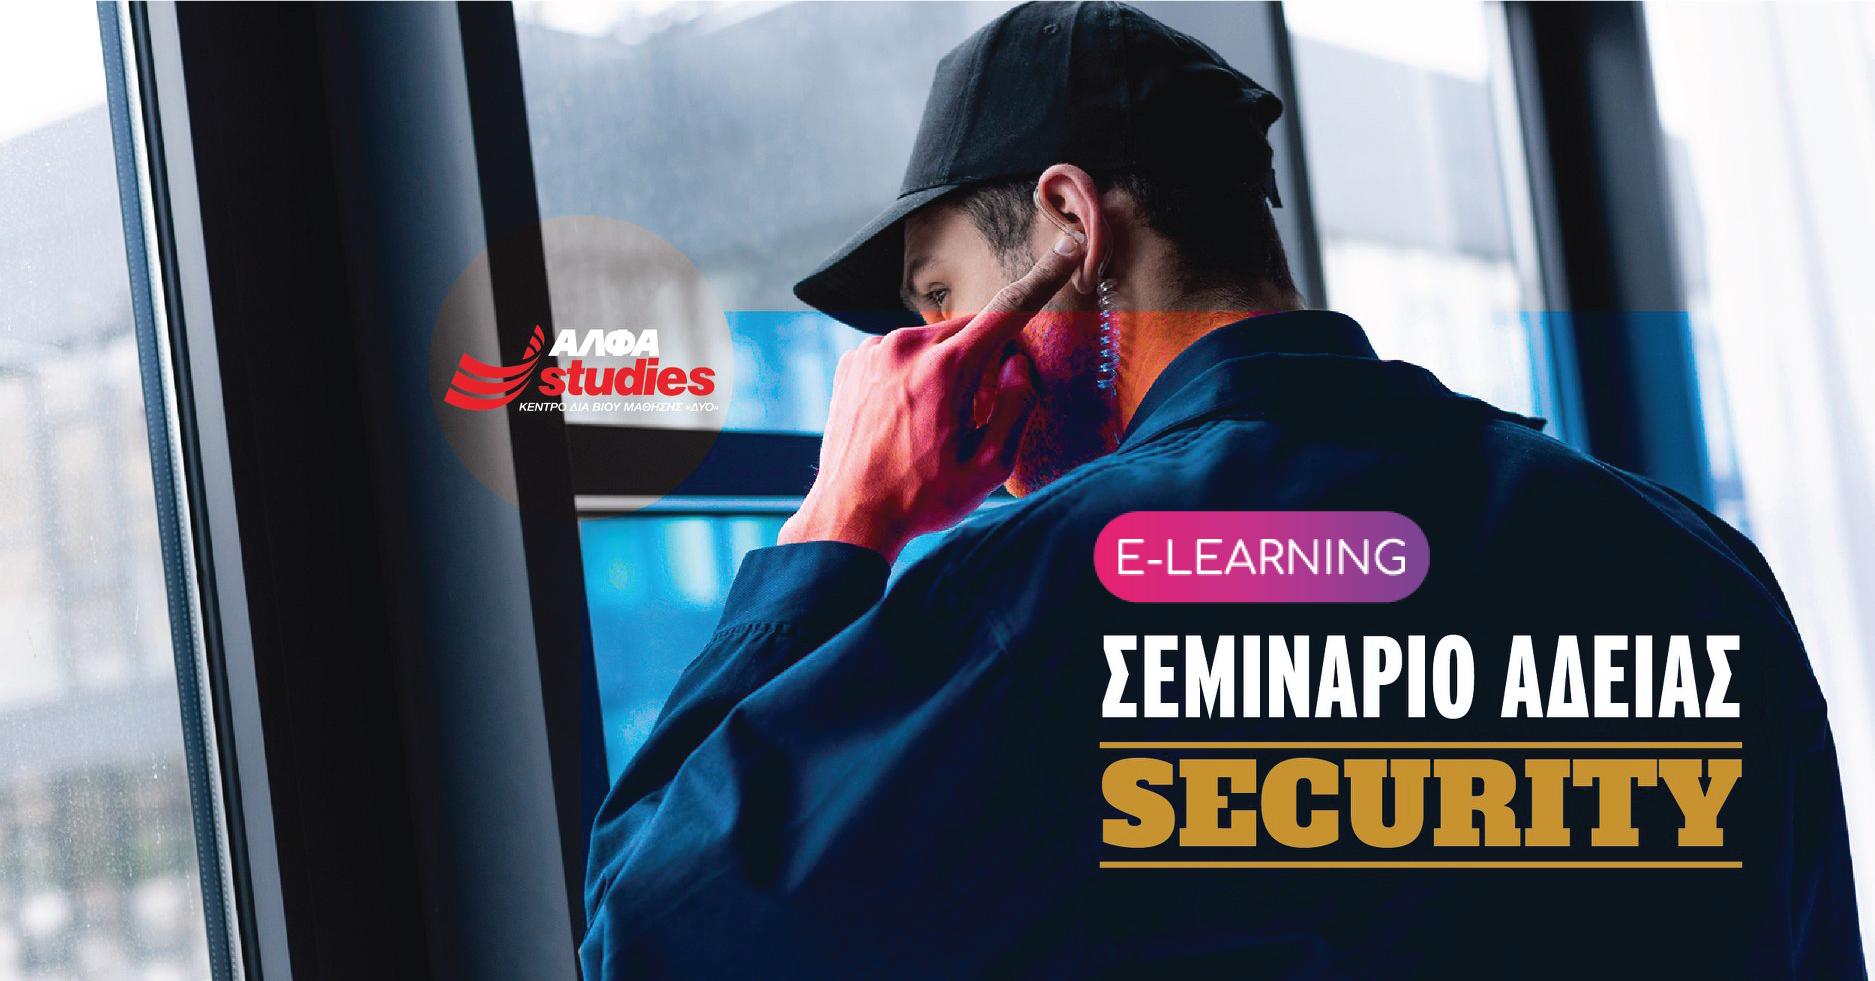 E-learning news: Το κορυφαίο Σεμινάριο για Άδεια Security, τώρα ONLINE από το ΑΛΦΑ studies!